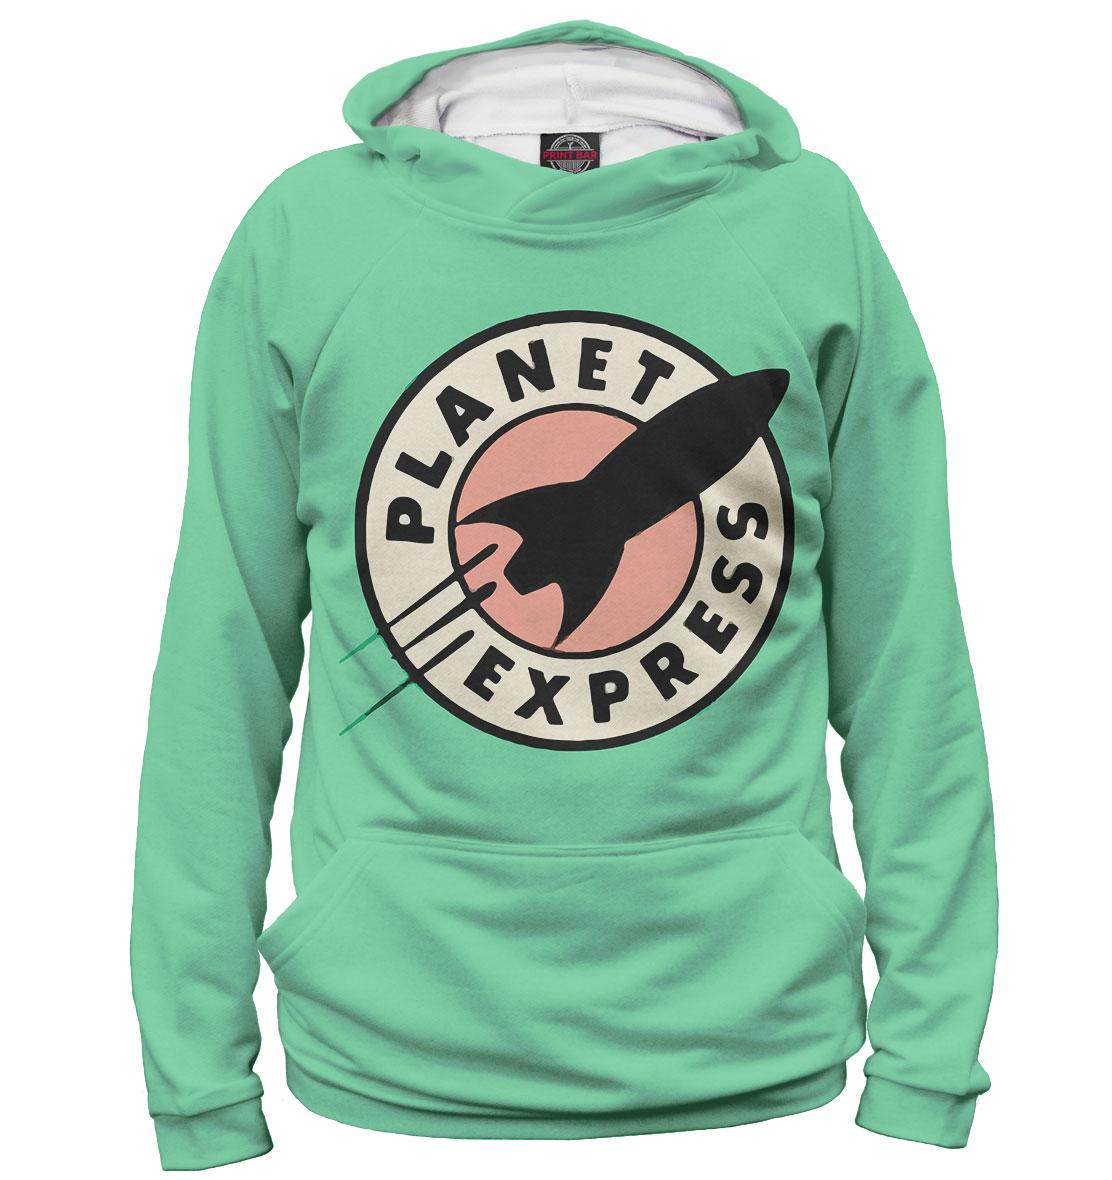 Купить Planet Express, Printbar, Худи, FUT-569248-hud-1